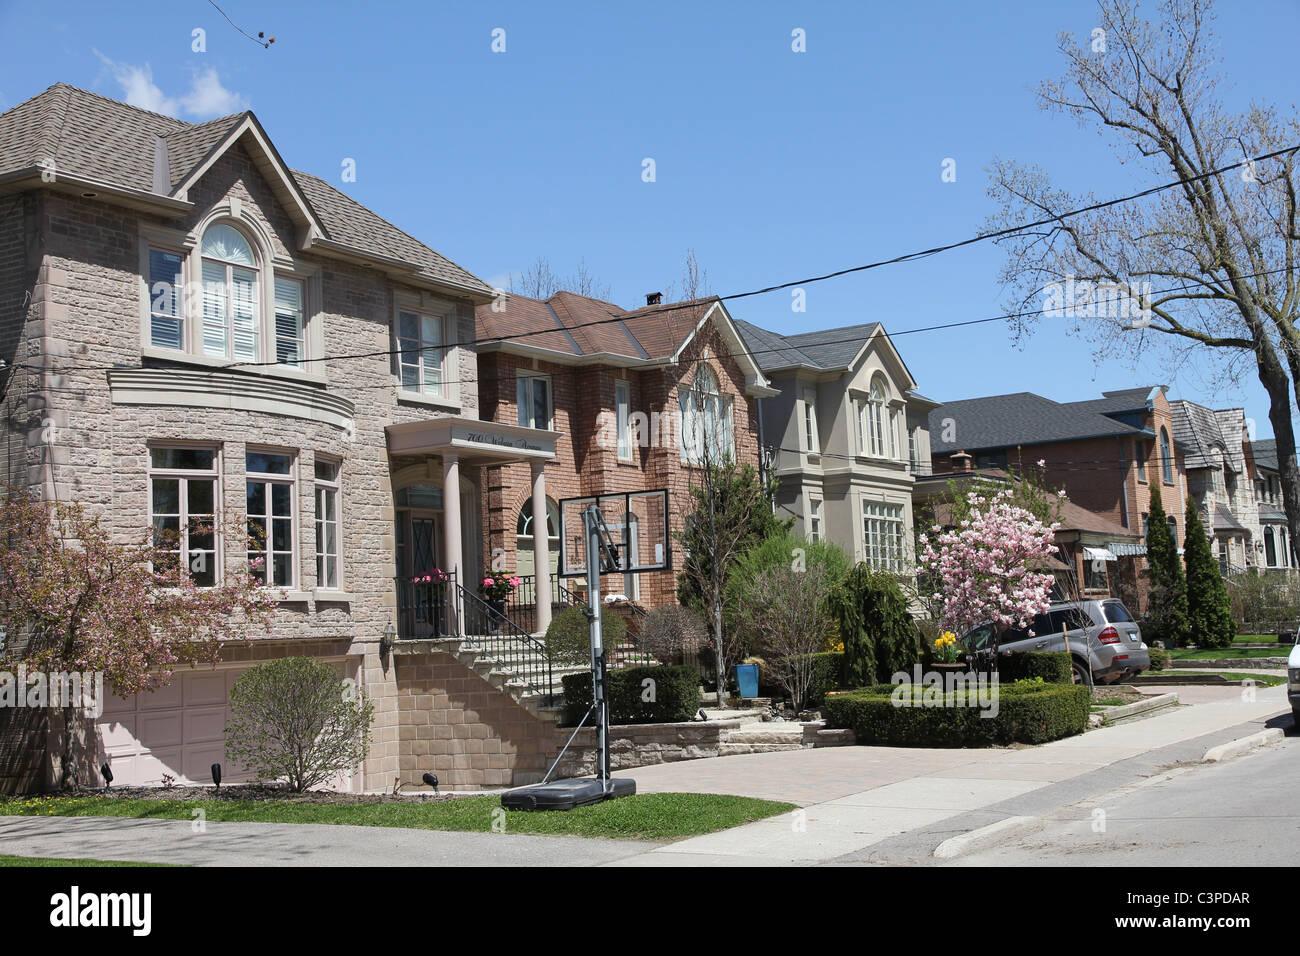 Nordamerikanische Vorort Straße mit modernen Häusern Stockfoto, Bild ...